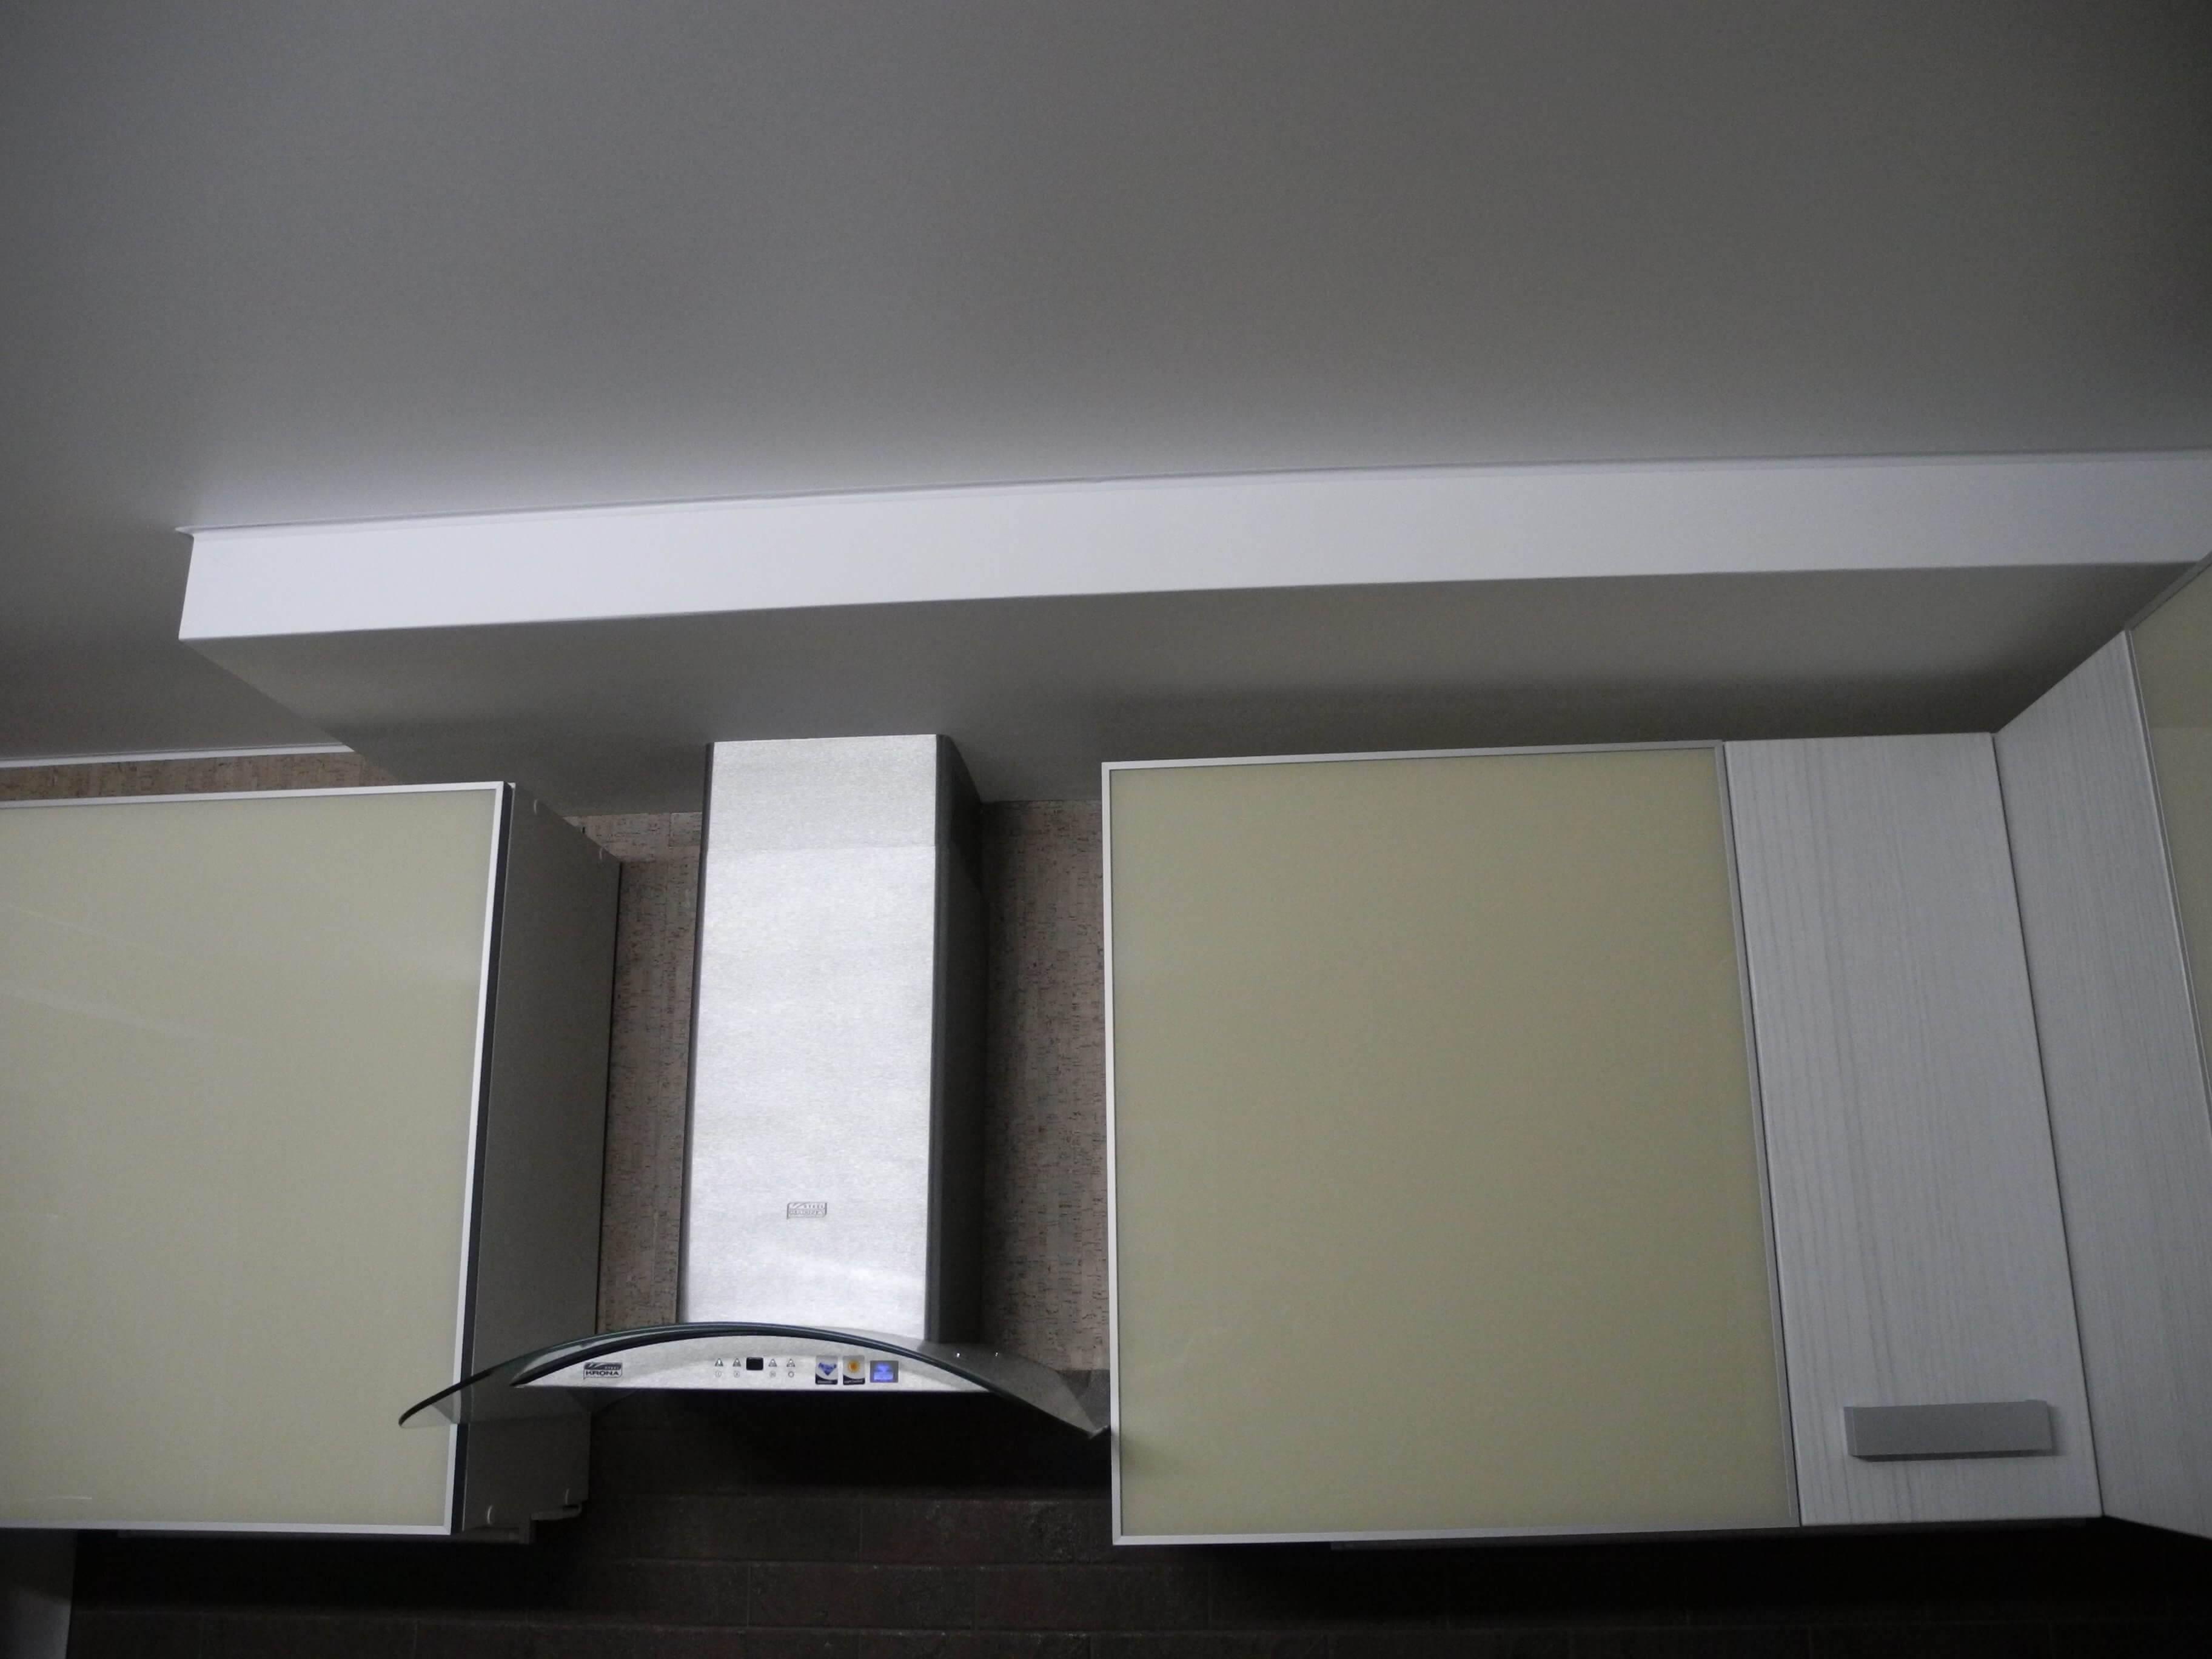 Короб для вытяжки на кухне (52 фото): модели пластиковые и из гипсокартона для кухонной вытяжки